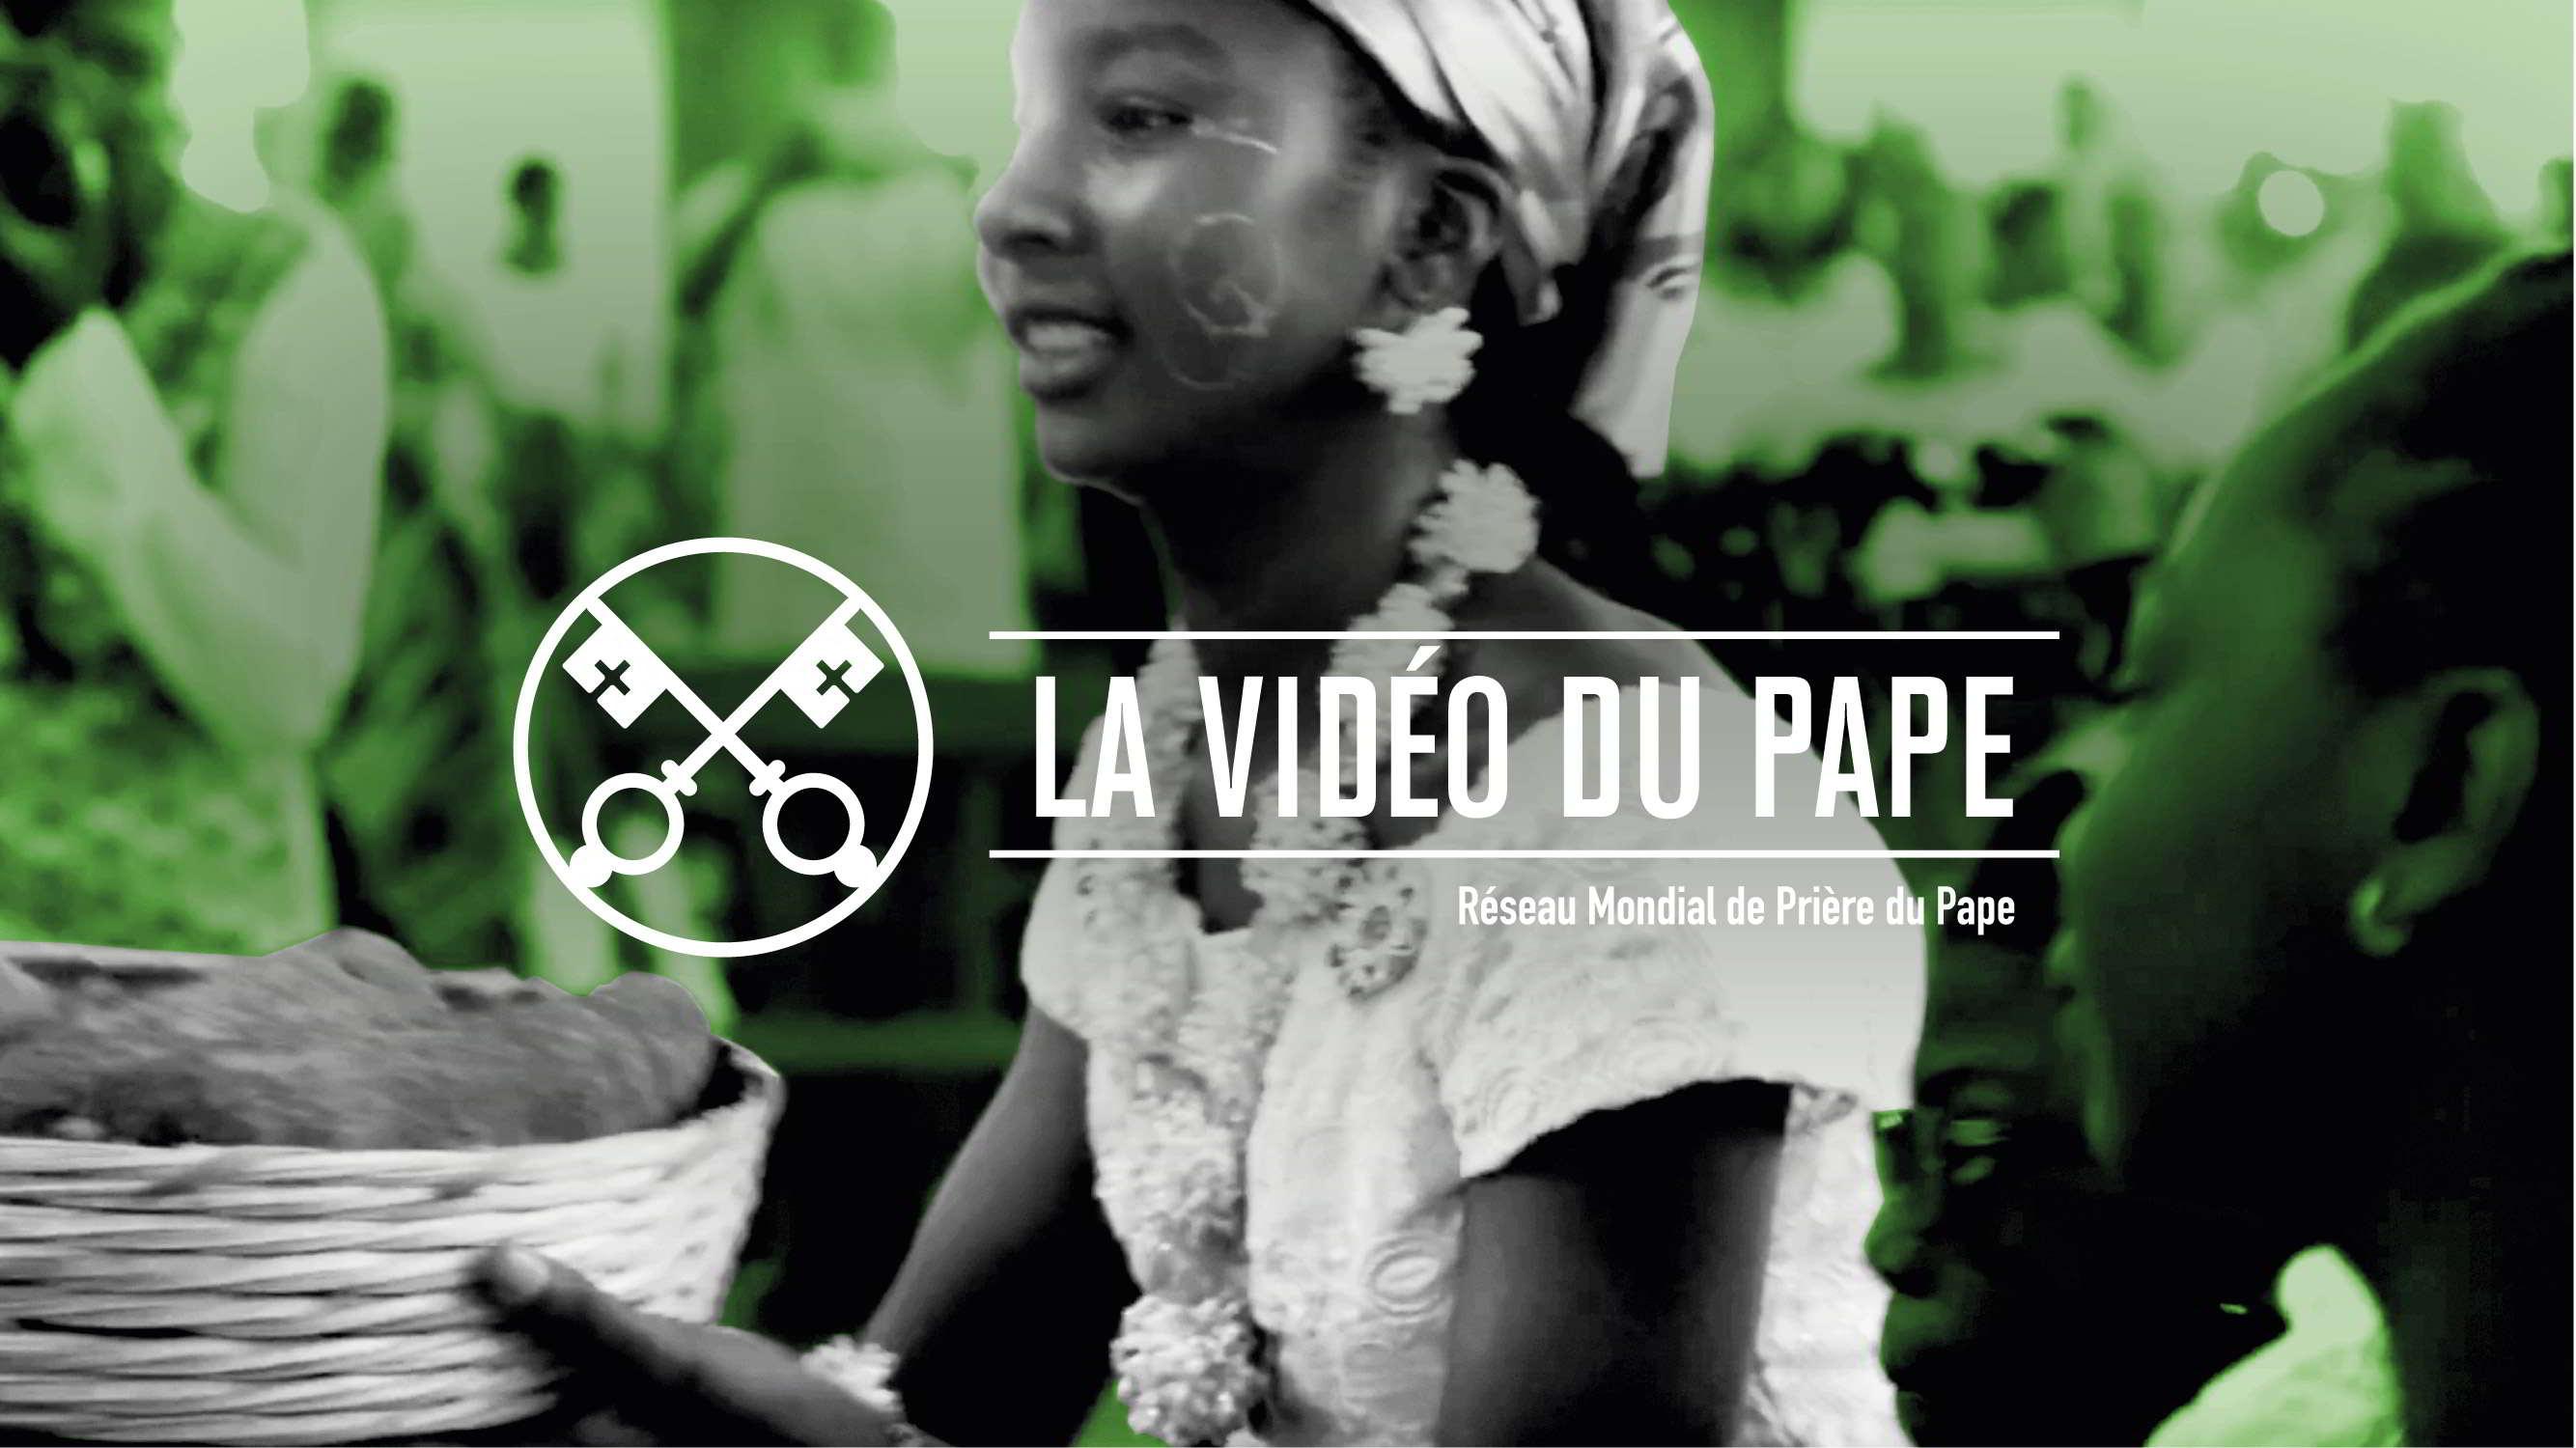 Official Image - TPV 5 2019 - 5 FR - L'Eglise en Afrique